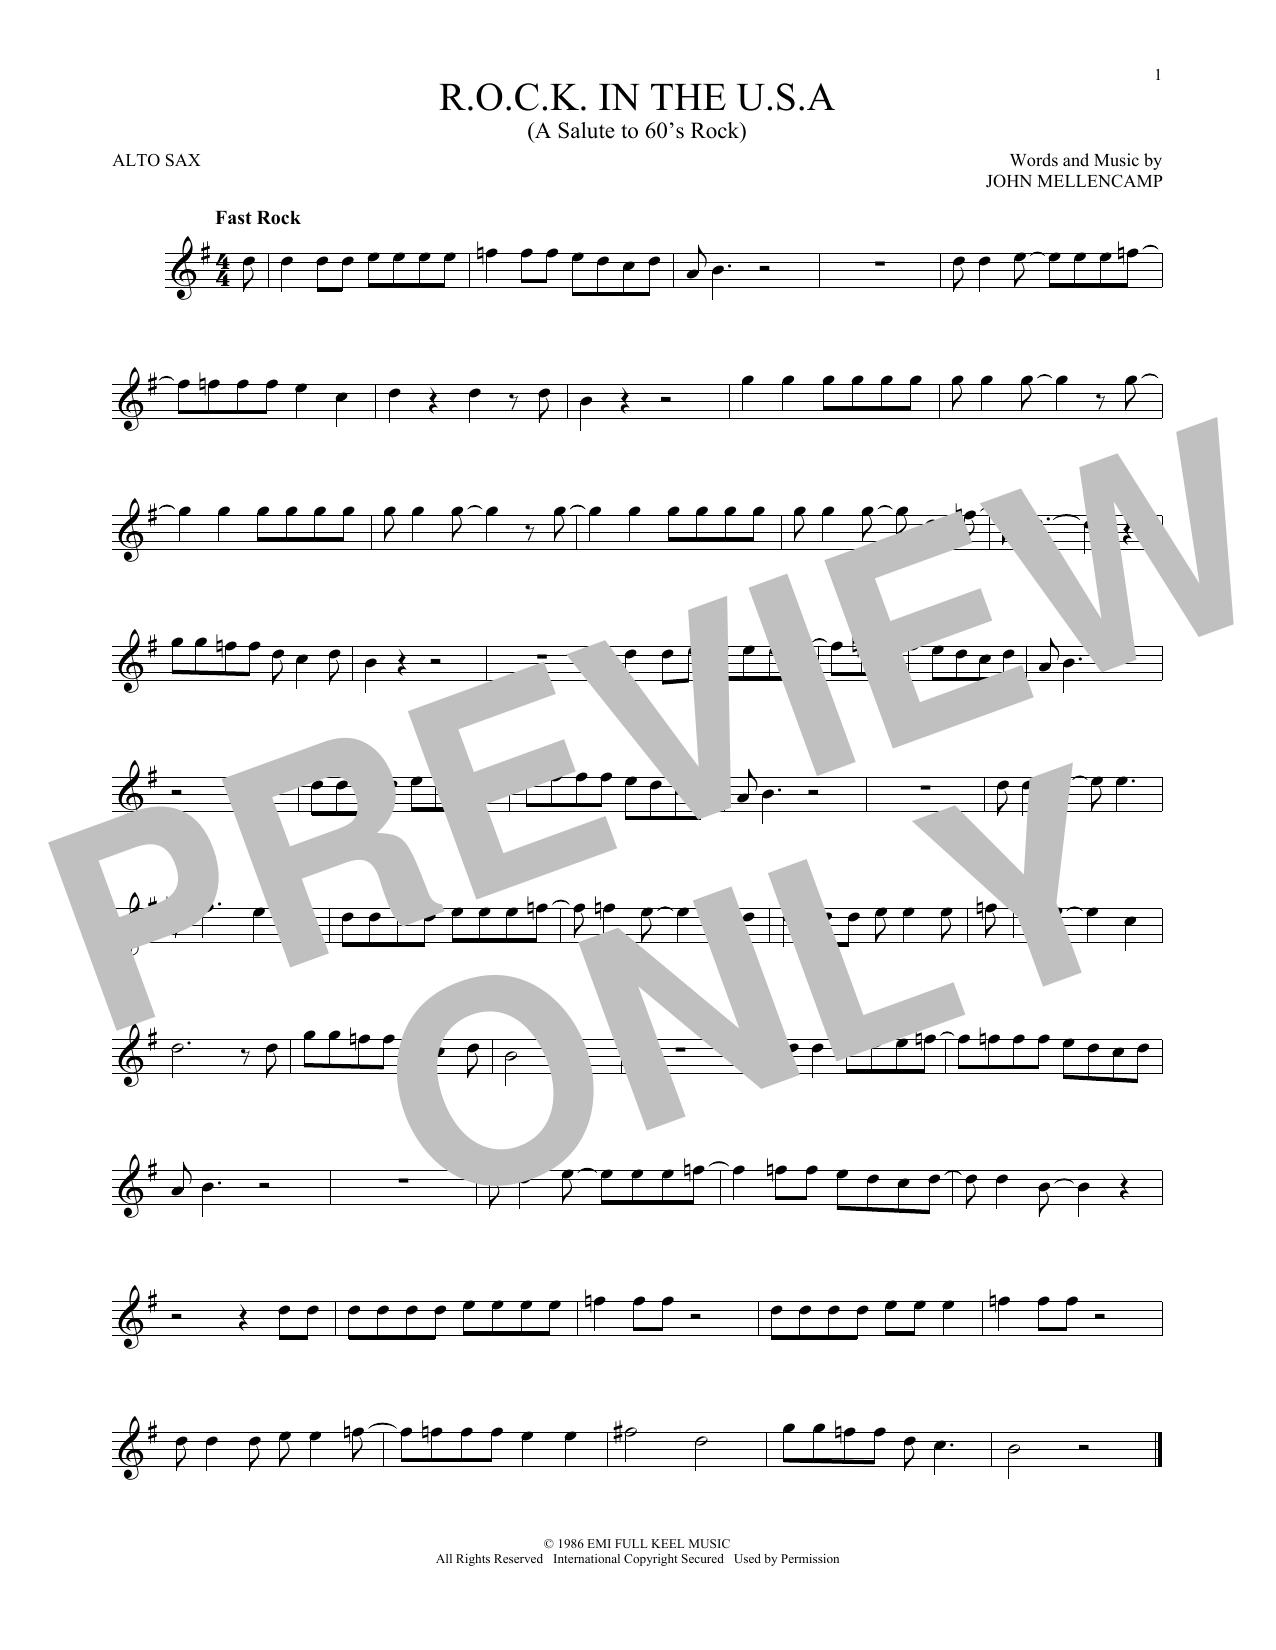 R.O.C.K. In The U.S.A. (A Salute To 60's Rock) (Alto Sax Solo)